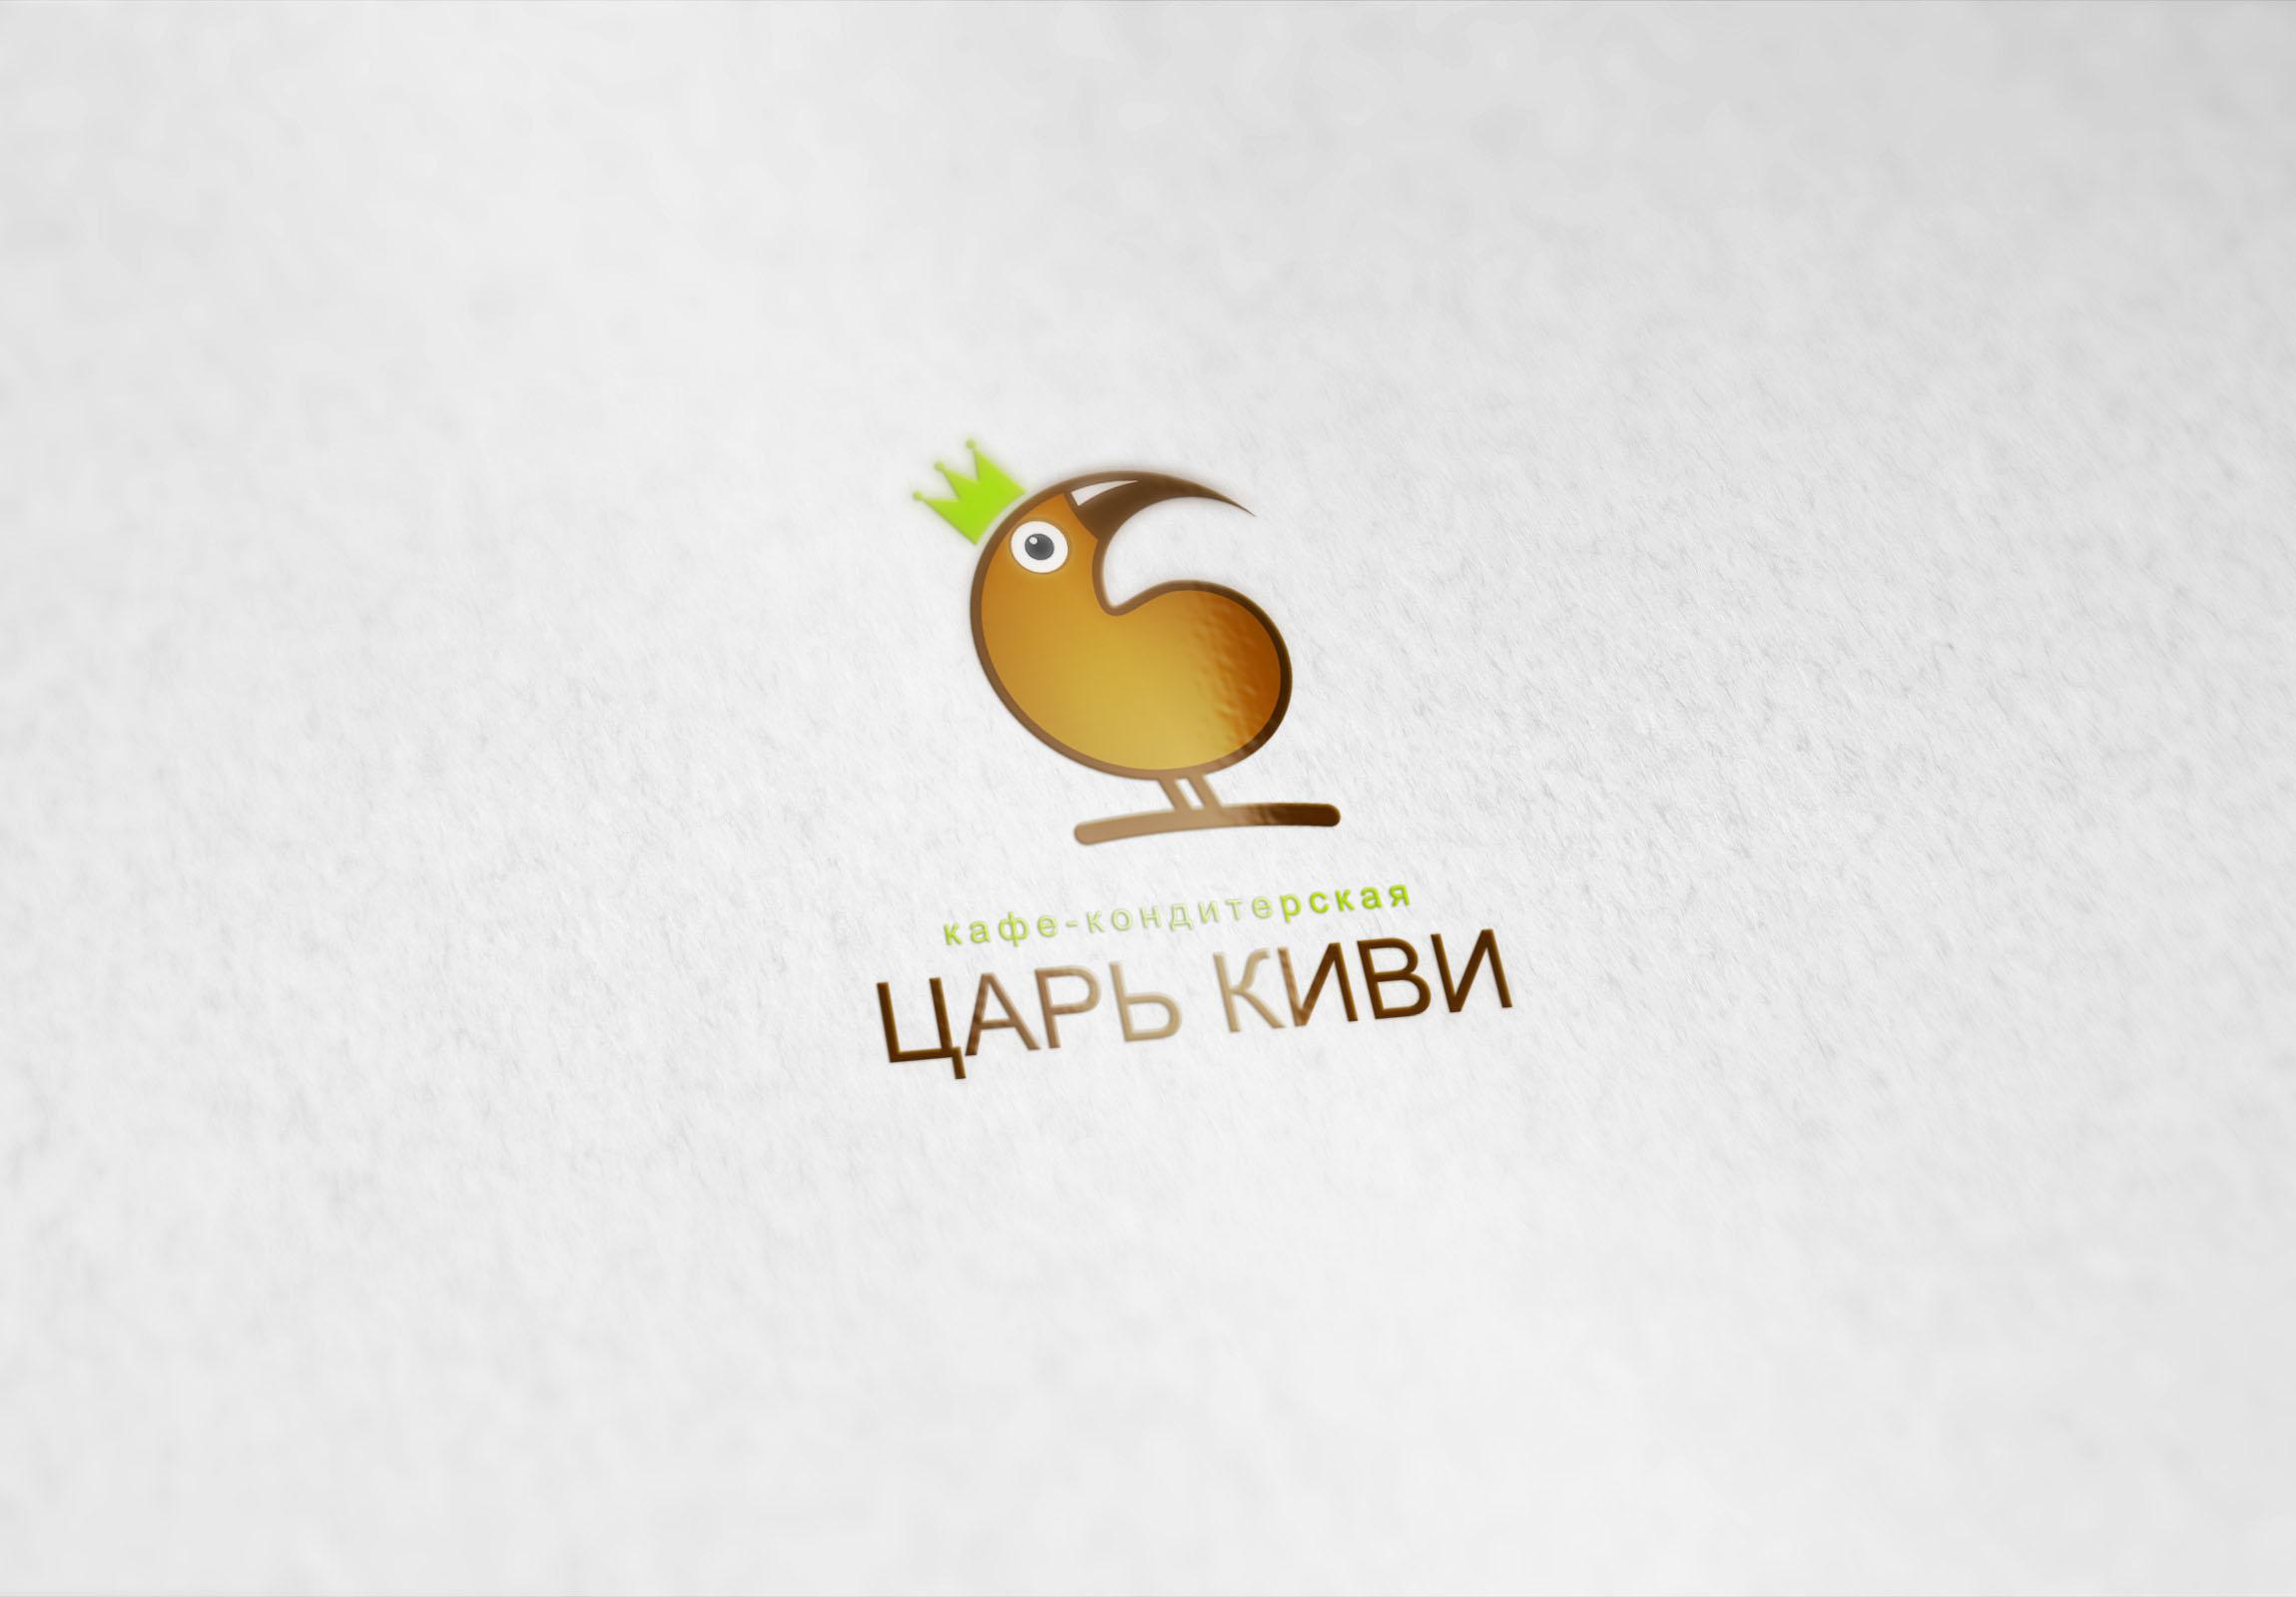 """Доработать дизайн логотипа кафе-кондитерской """"Царь-Киви"""" фото f_3455a07669679ed4.jpg"""